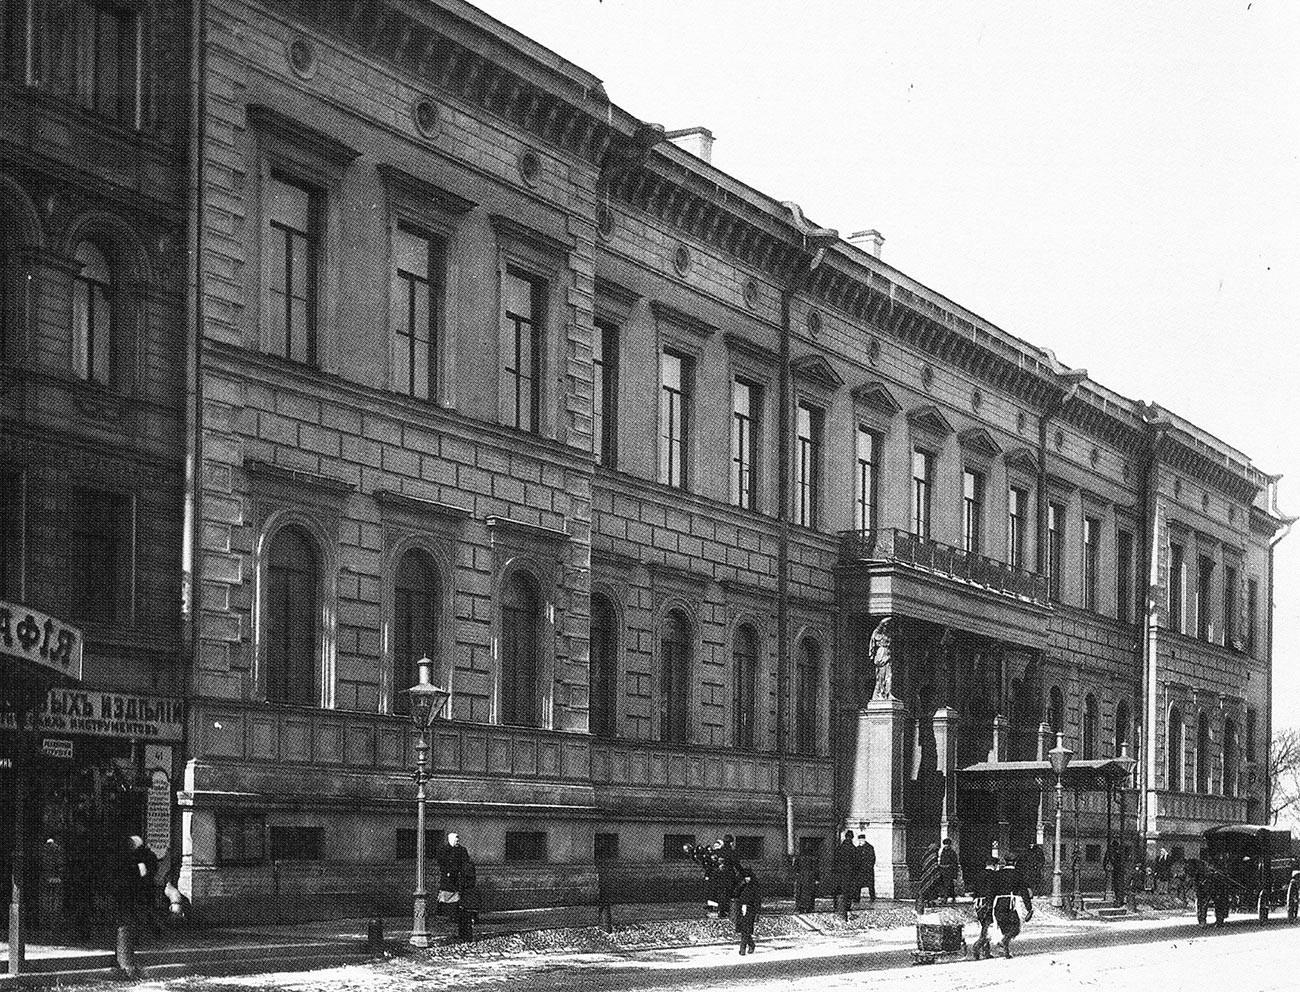 Das Gebäude des Ministeriums für den kaiserlichen Hof und die Stände in St. Petersburg. Hier wurde für das Geld der kaiserlichen Familie gesorgt.